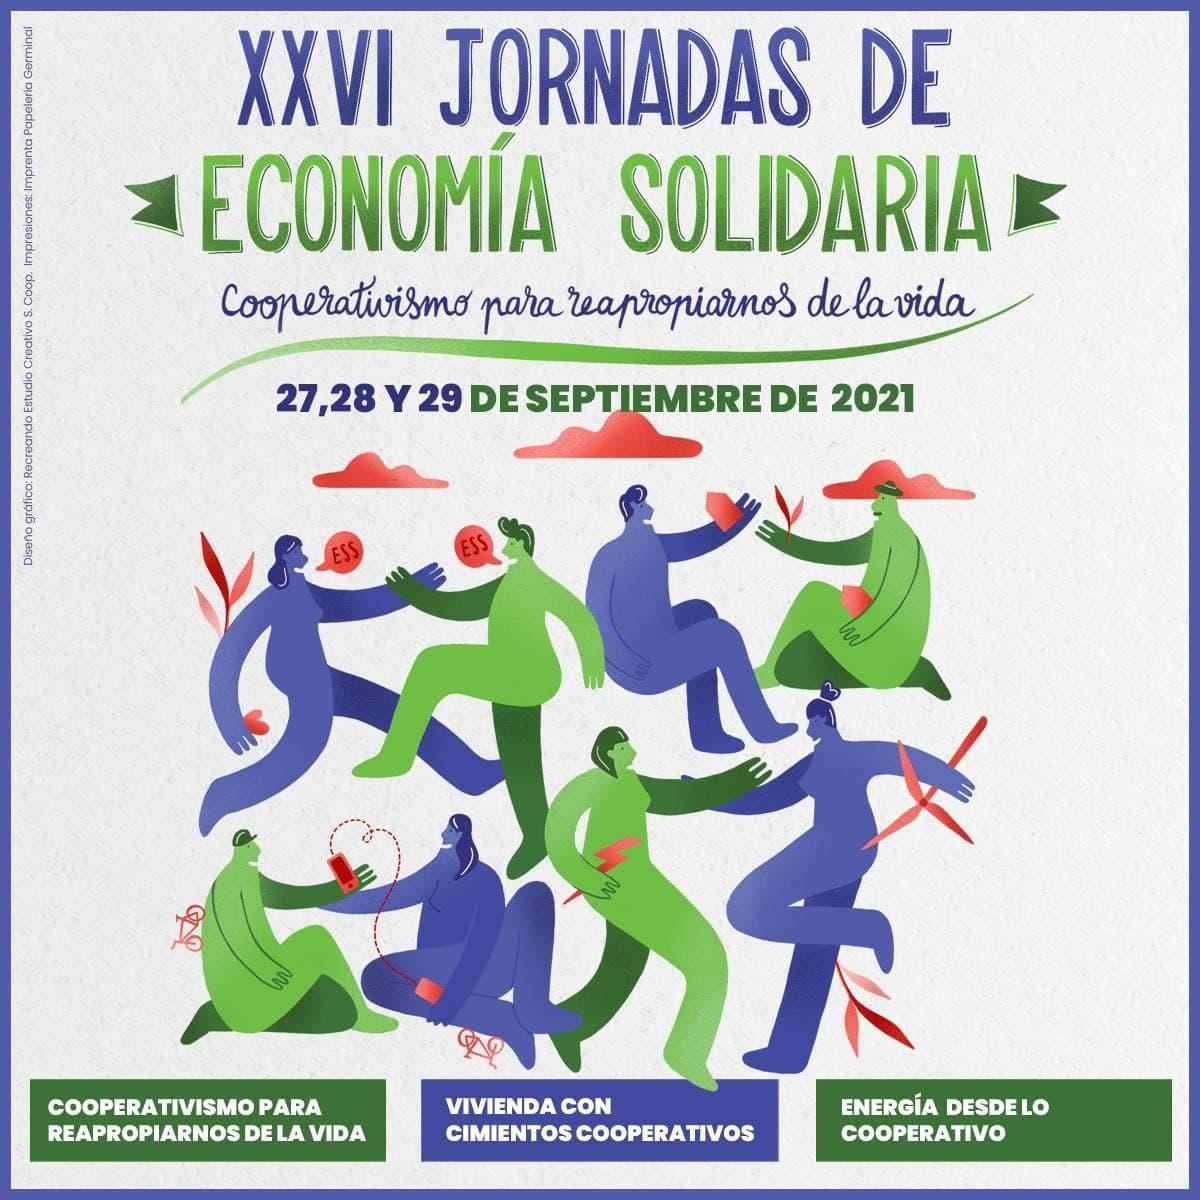 XXVI Jornadas de Economía Solidaria